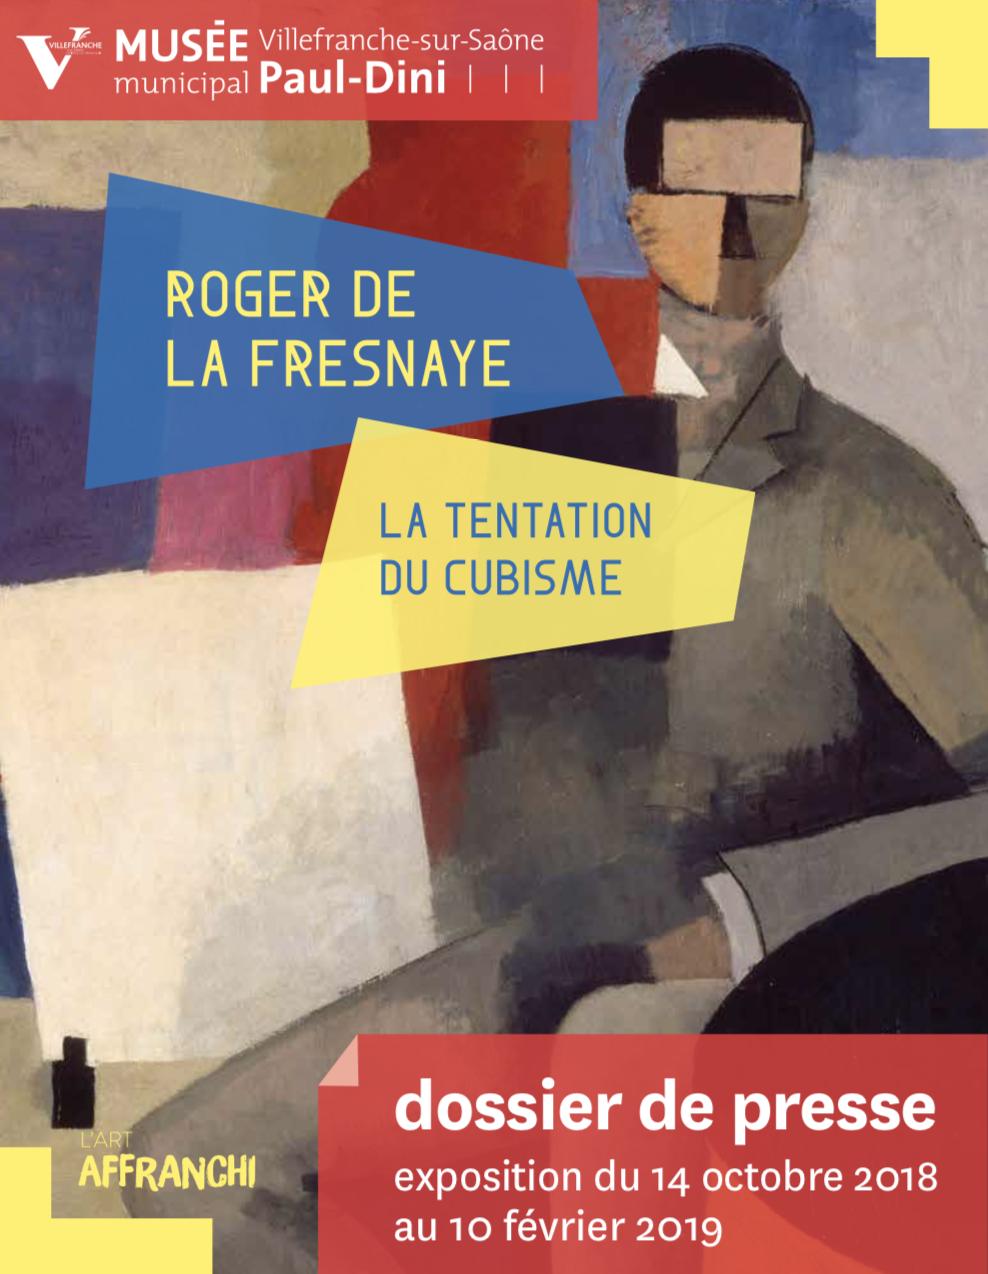 Exposition Roger de la Fresnaye au Musée Paul Dini à Villefranche-sur-Saône